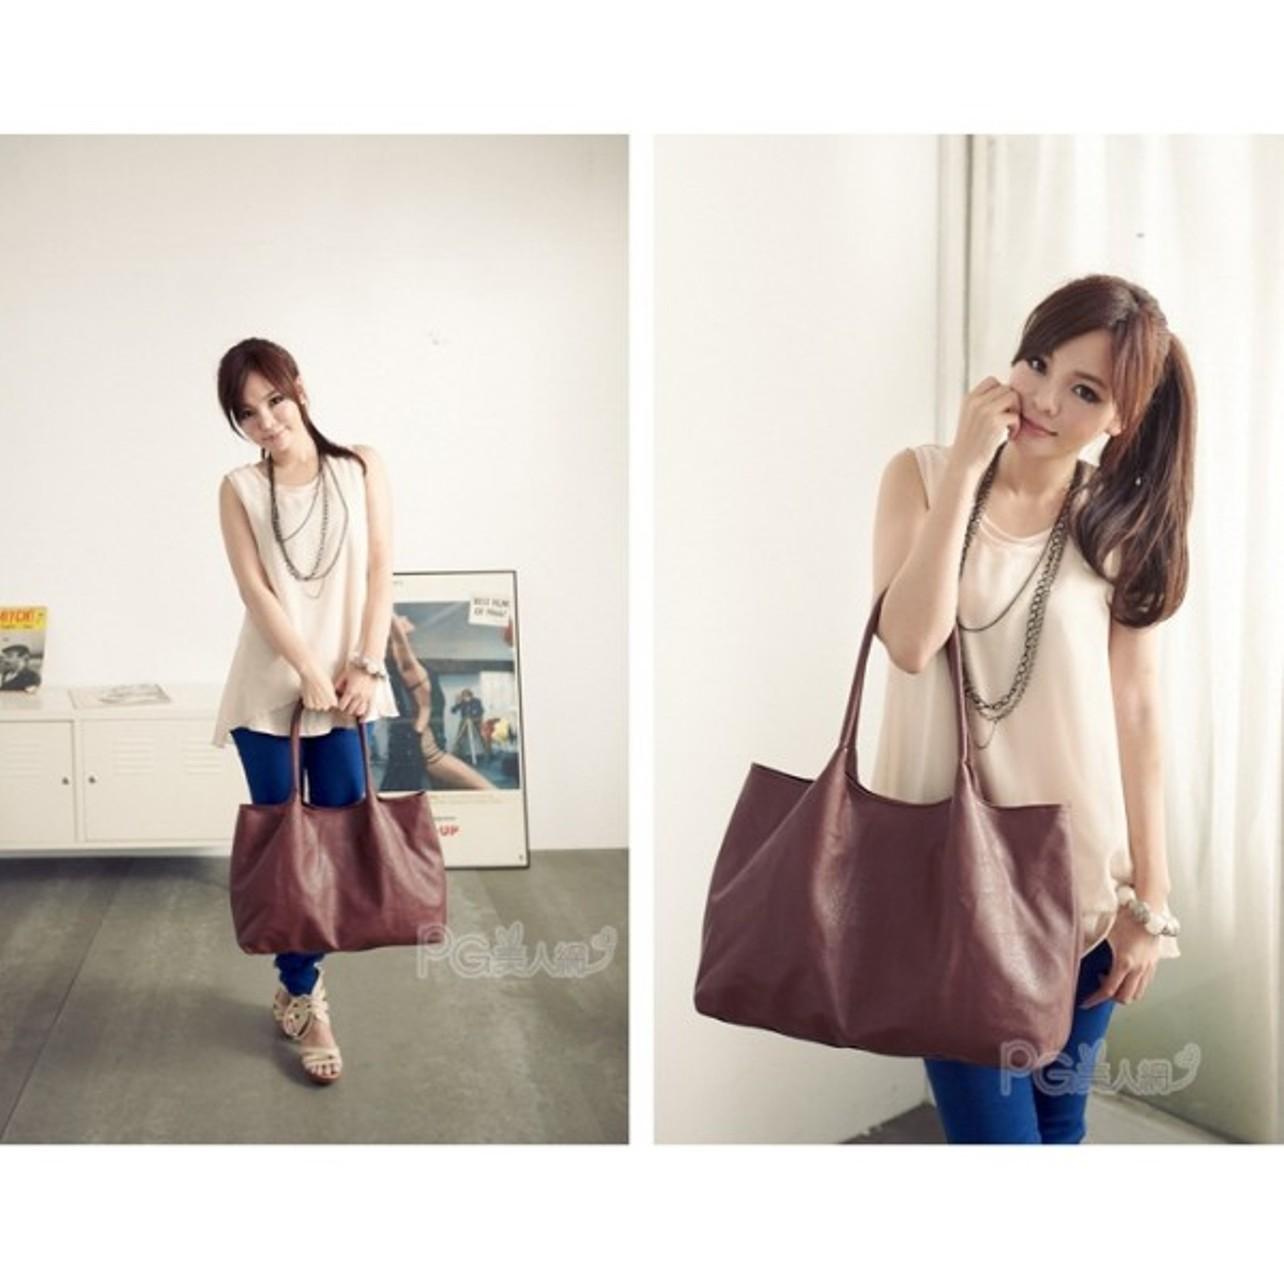 toko online grosir tas wanita murah meriah berkualitas dengan harga